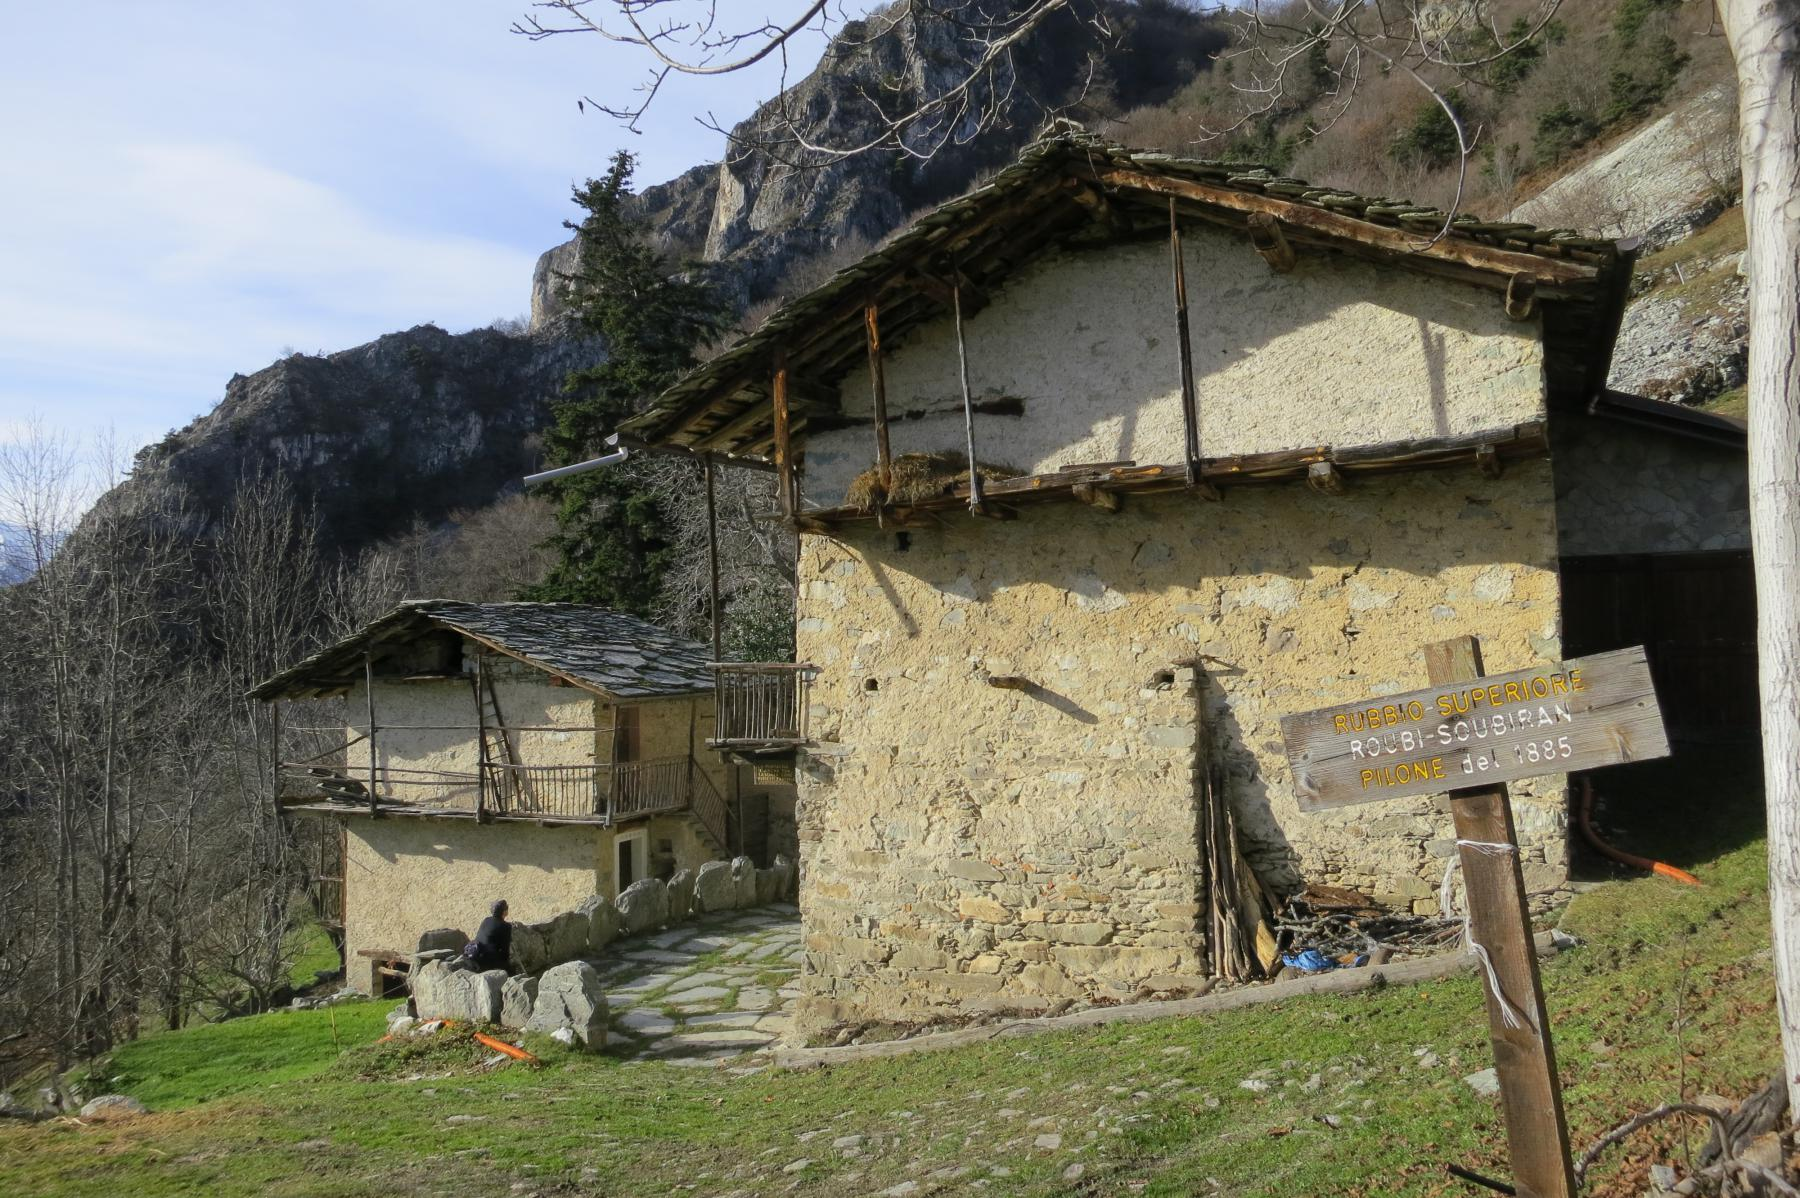 Rubbio soubeyran (superiore) 1300 m